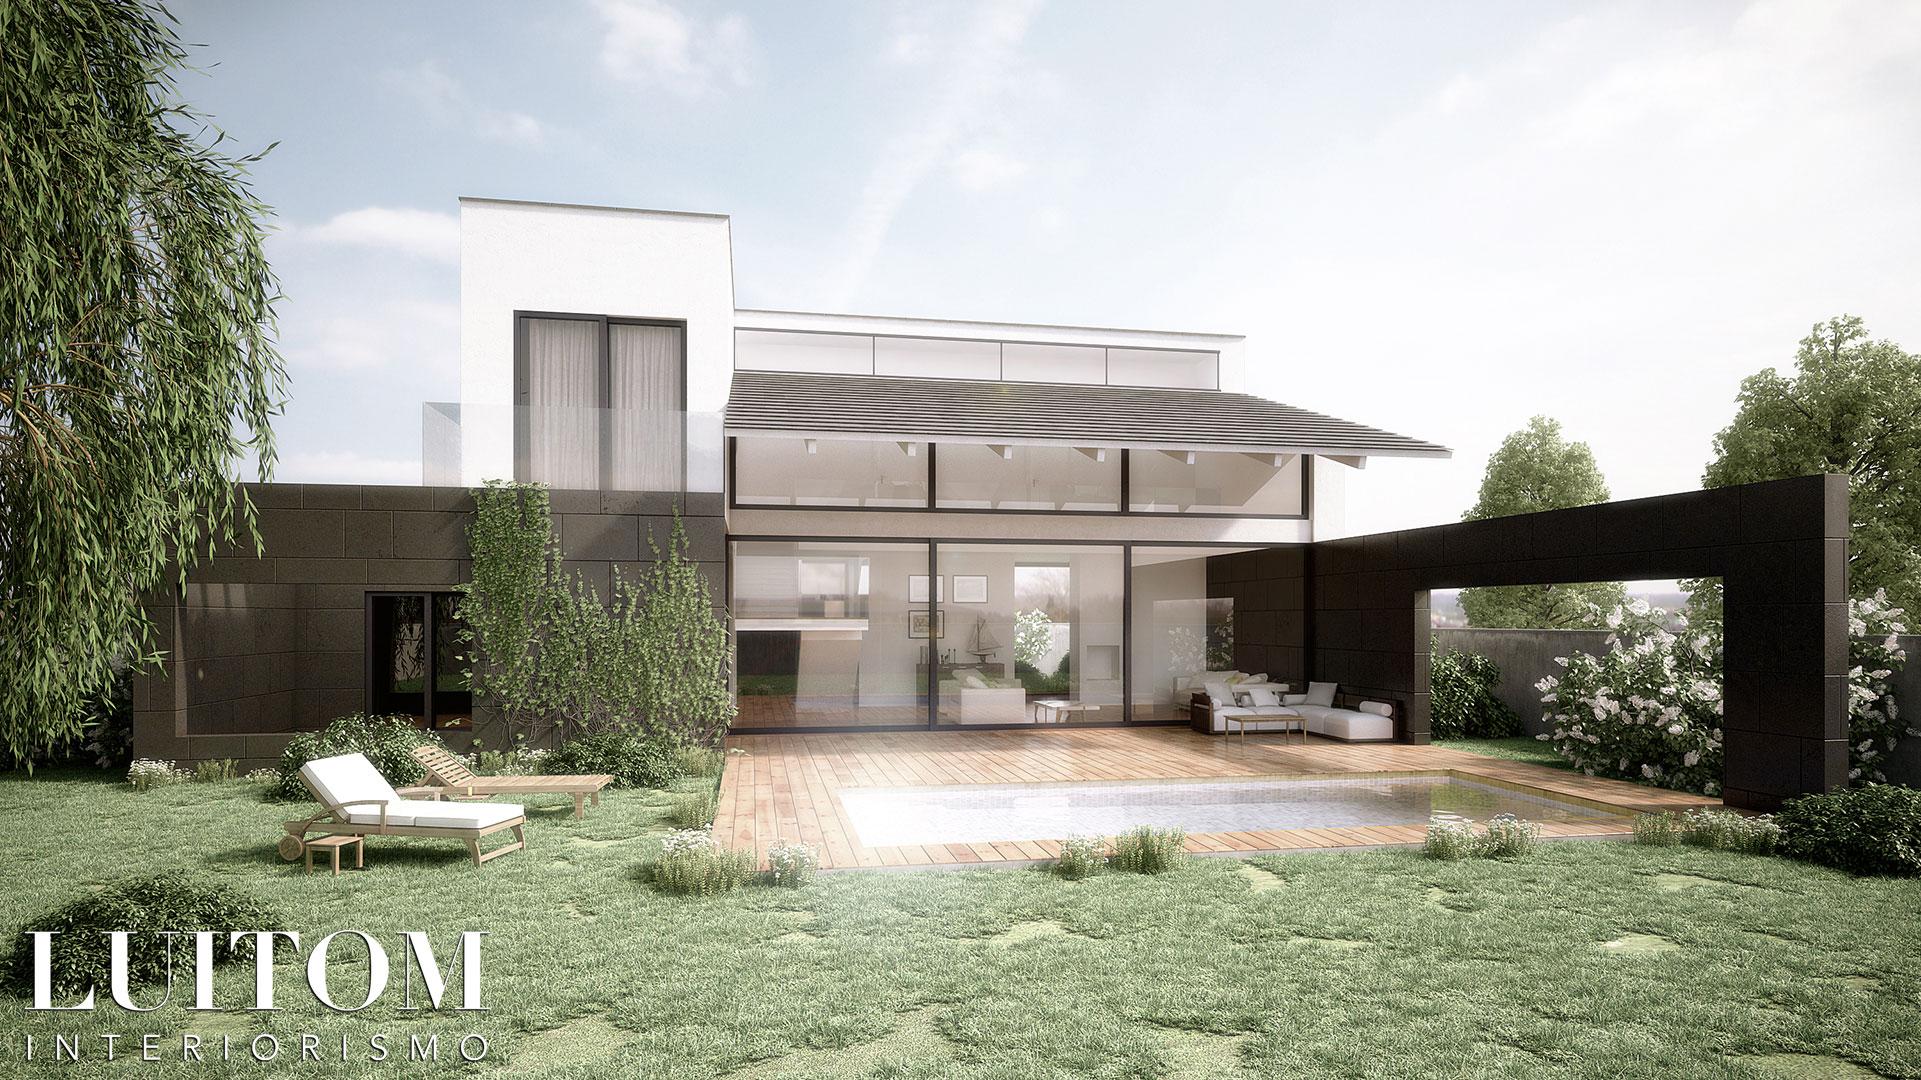 proyecto-arquitectura-construccion-casas-modernas-villas-lujo-madrid-malaga-valencia-arquitectos-luxury-house-spain-architects-013